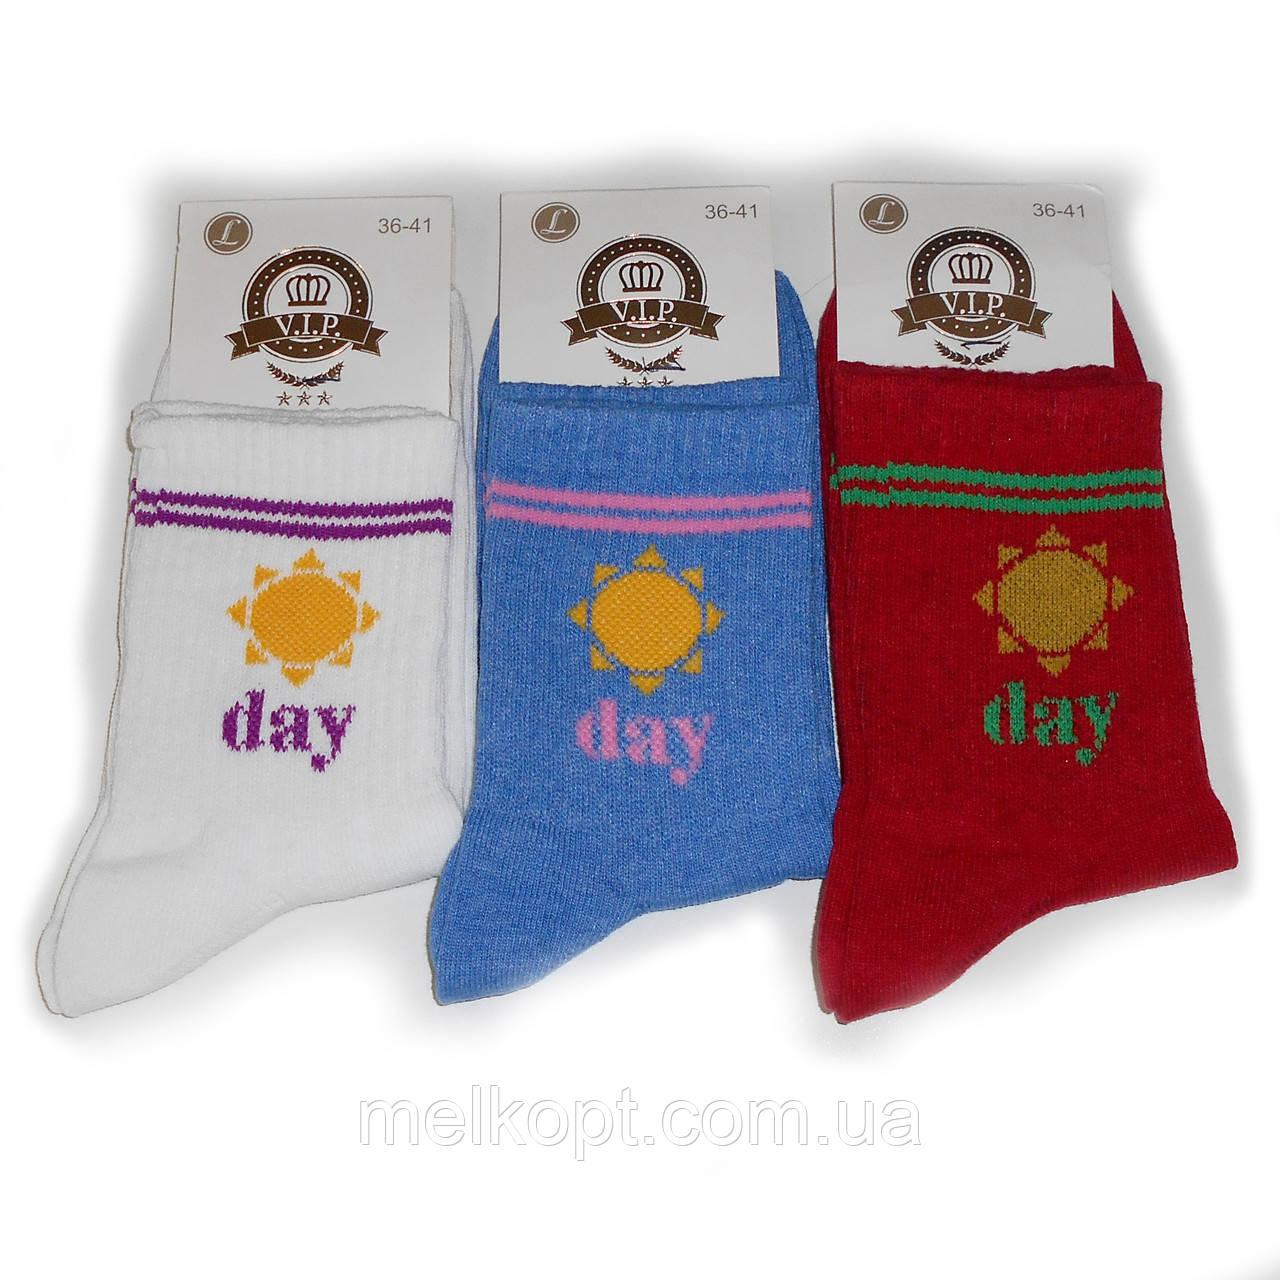 Женские носки с приколами V.I.P. - 10,50 грн./пара (высокие, Day)